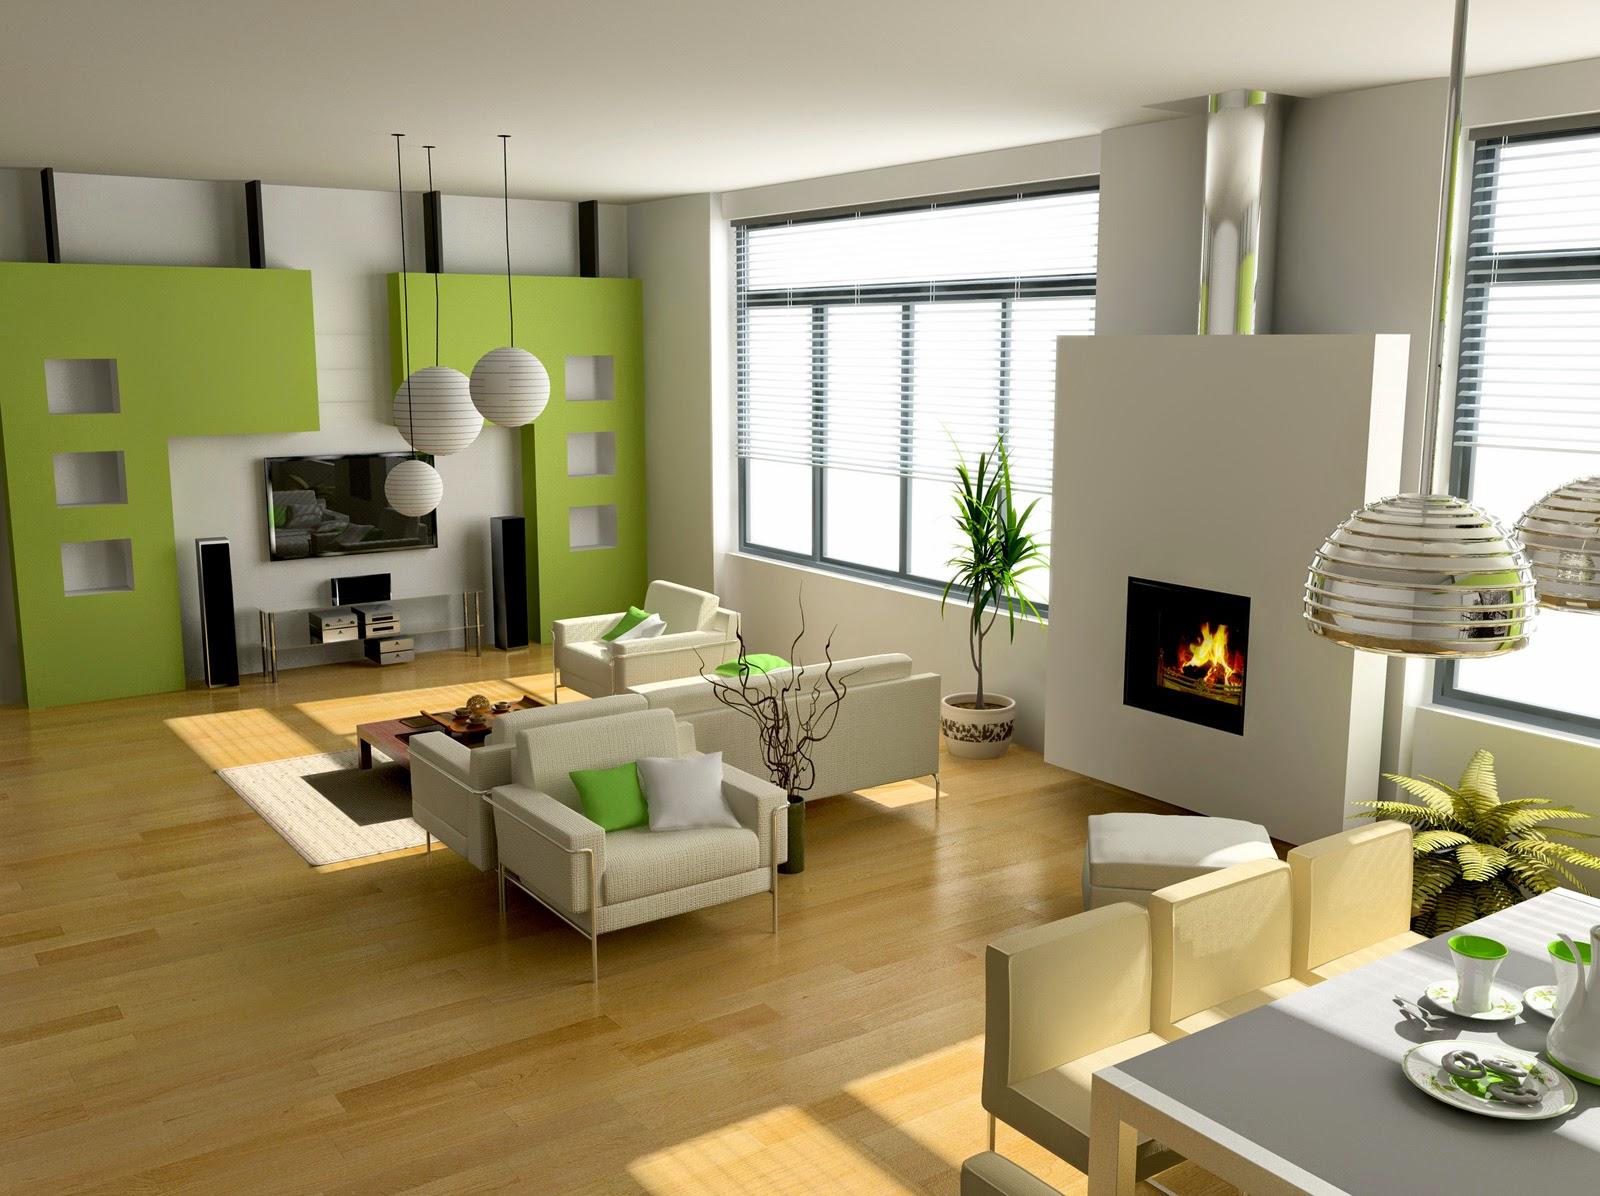 Home interior design how to design a modern living room - Modern living room decor ...